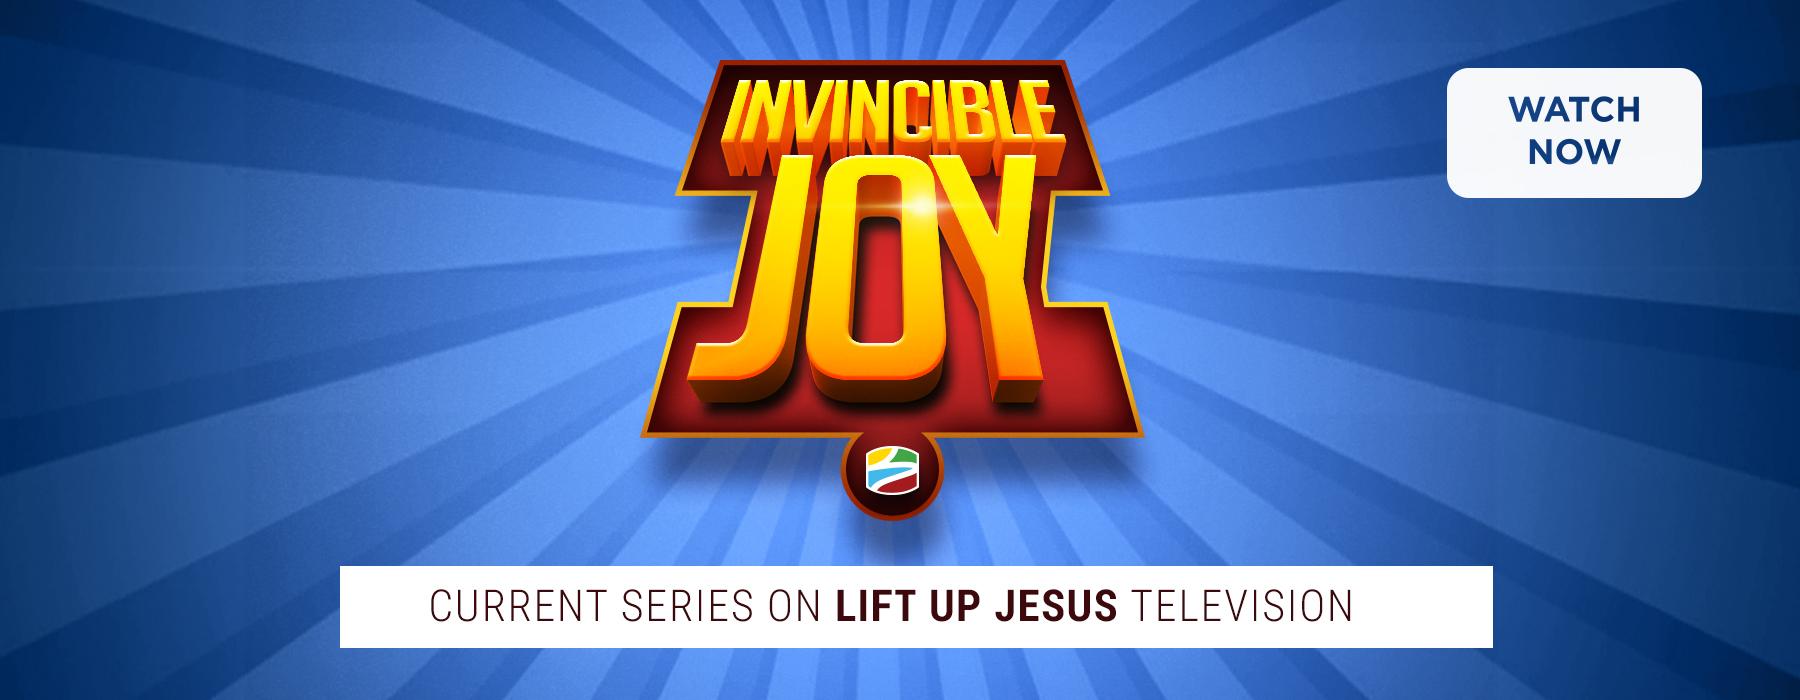 2021-Invincible-Joy-Hompage-Banner